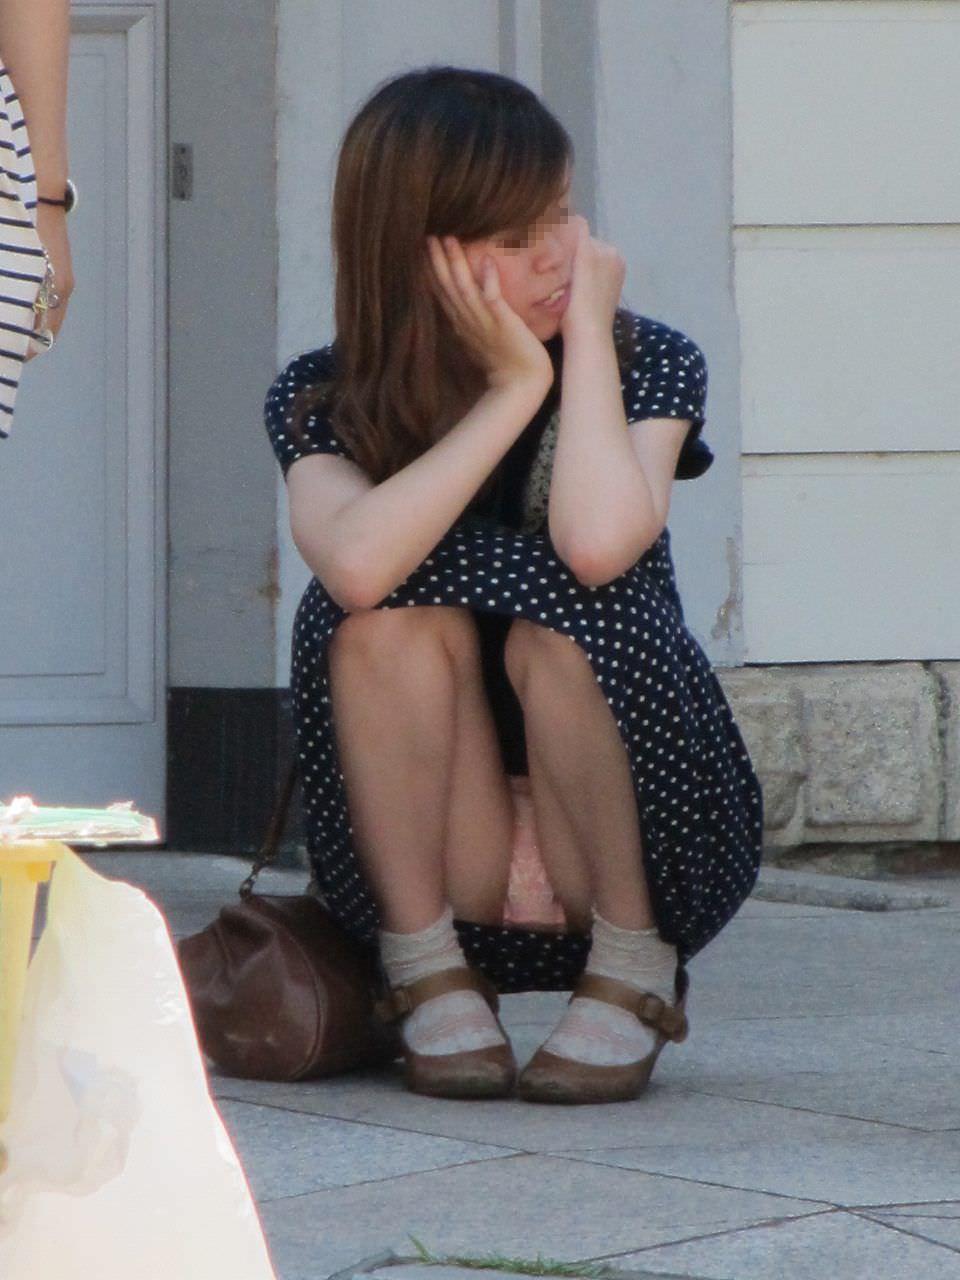 スカートでしゃがみパンチラしてる素人娘のエロ画像 2767